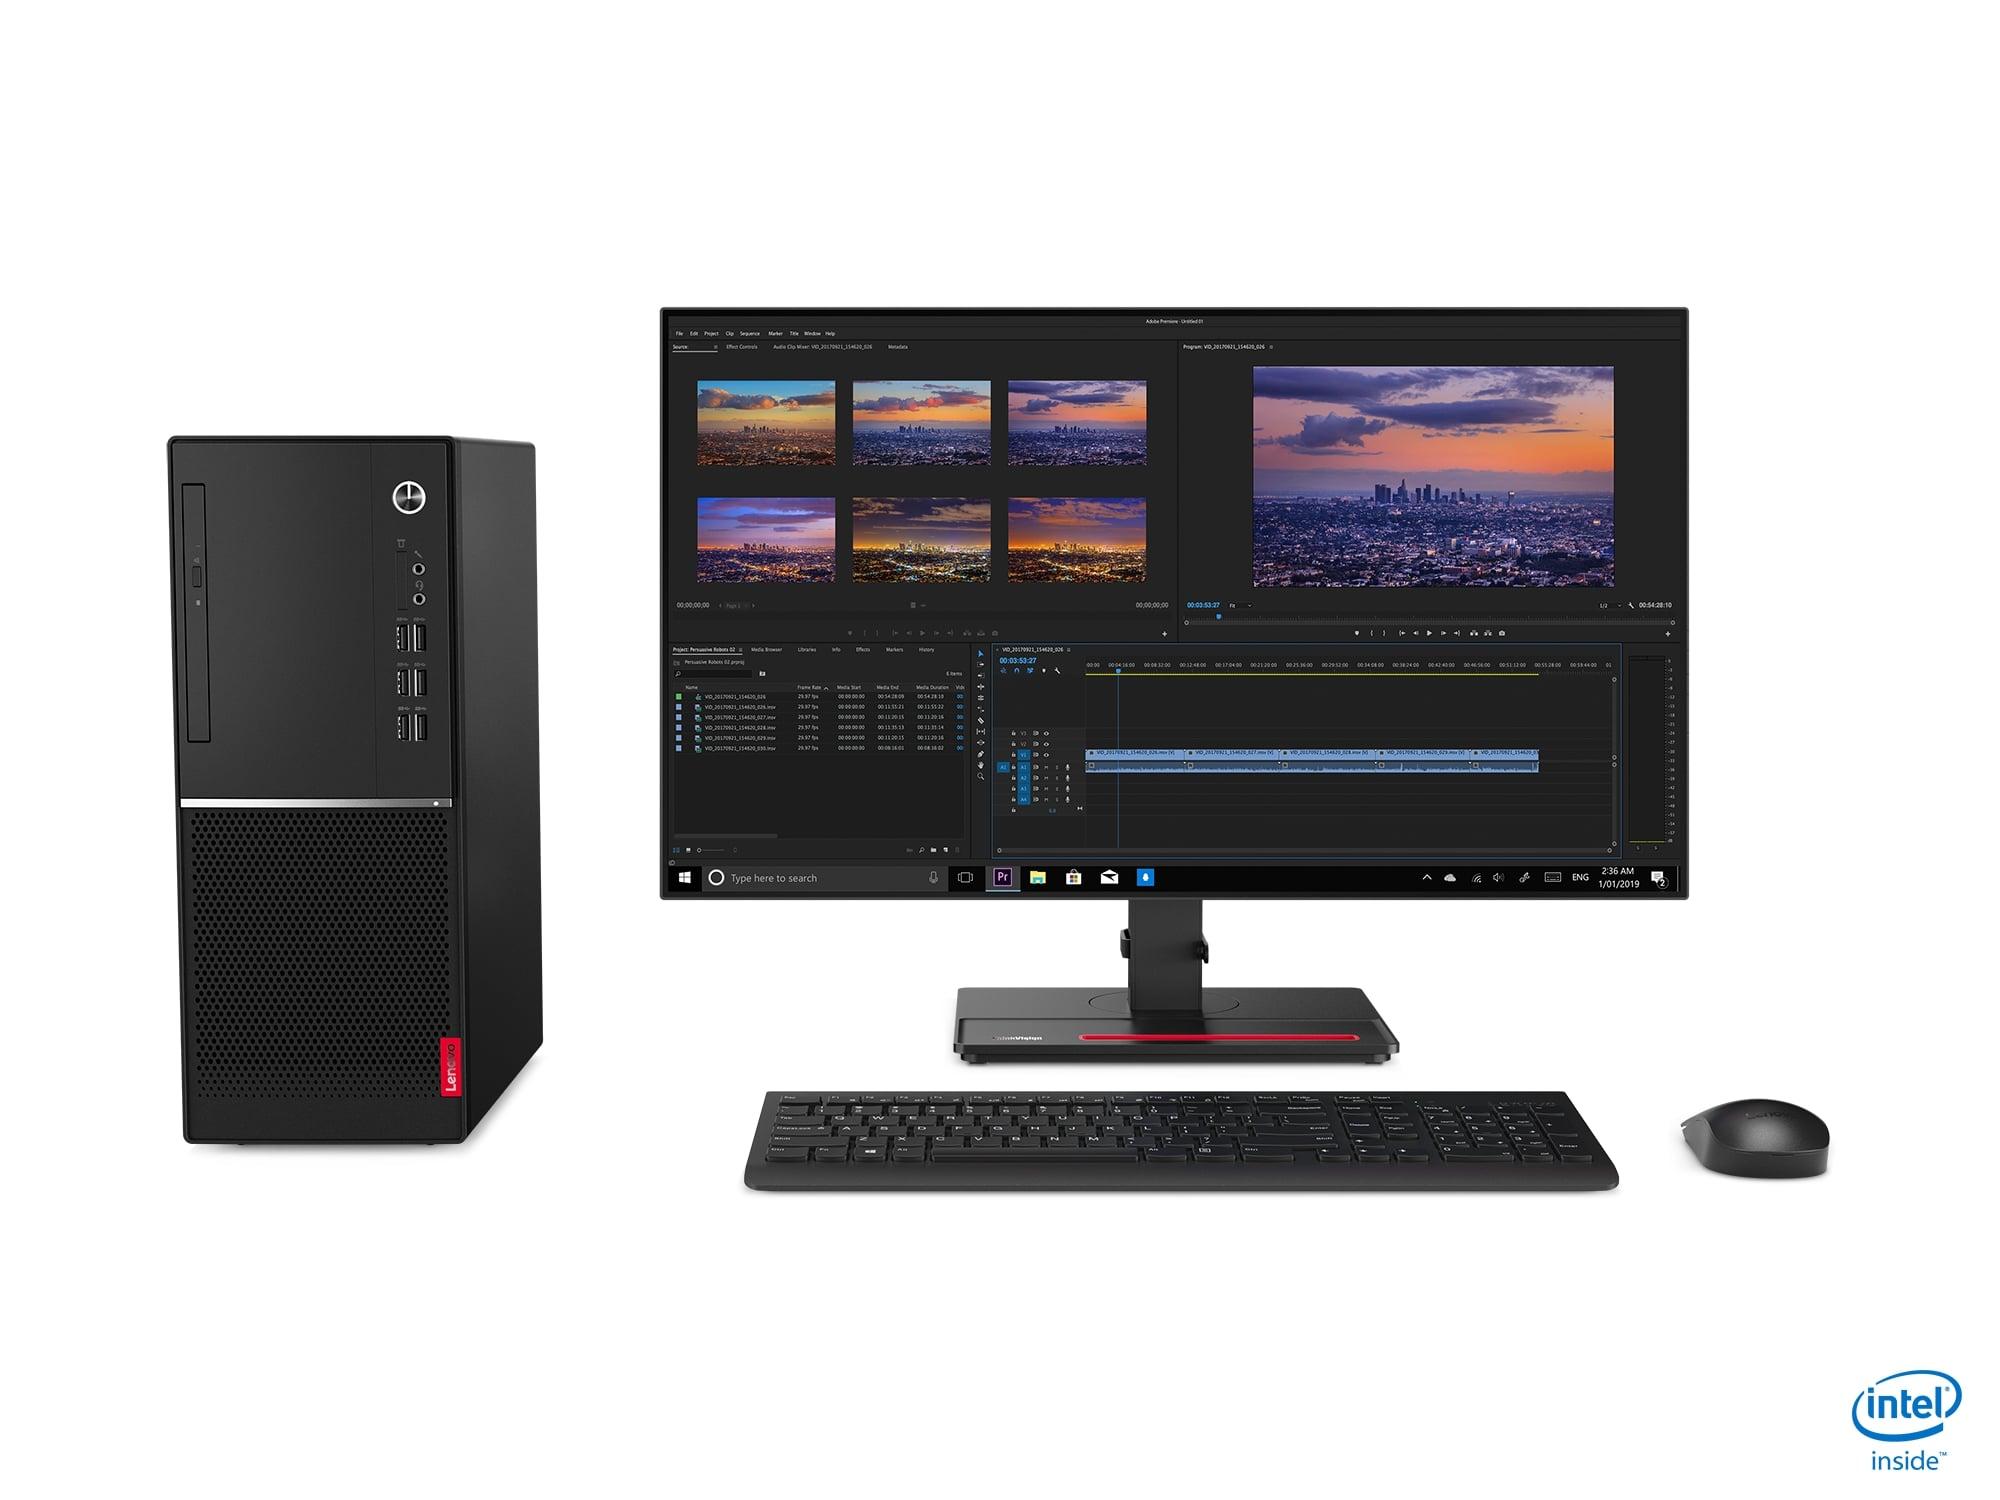 Lenovo V530 TWR/i5-9400/256/8GB/HD/DVD/W10P